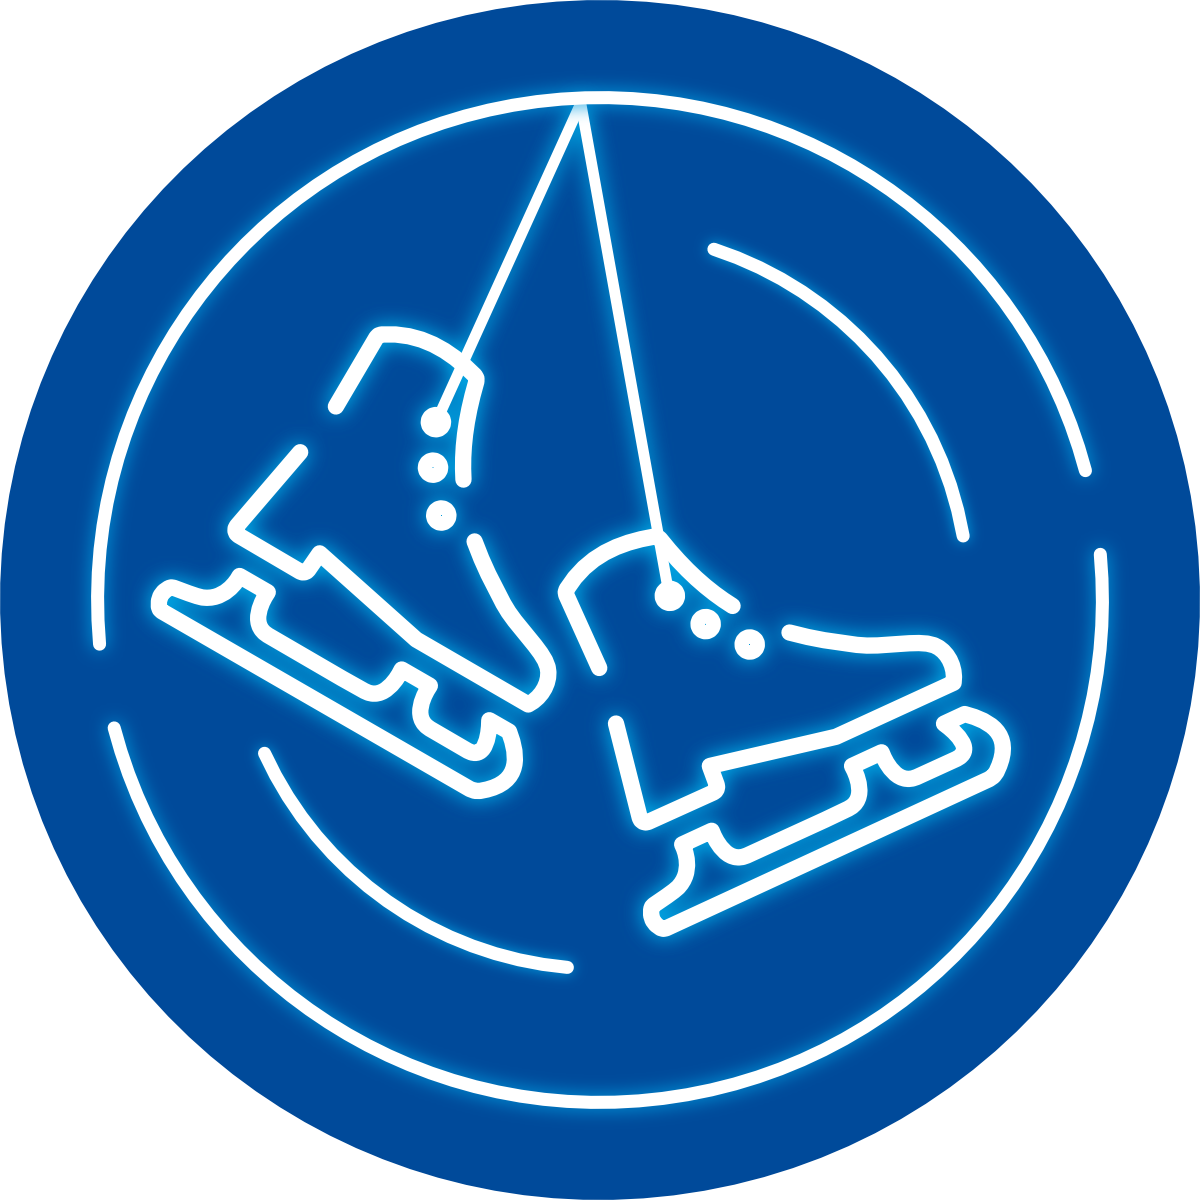 web_icons_skates